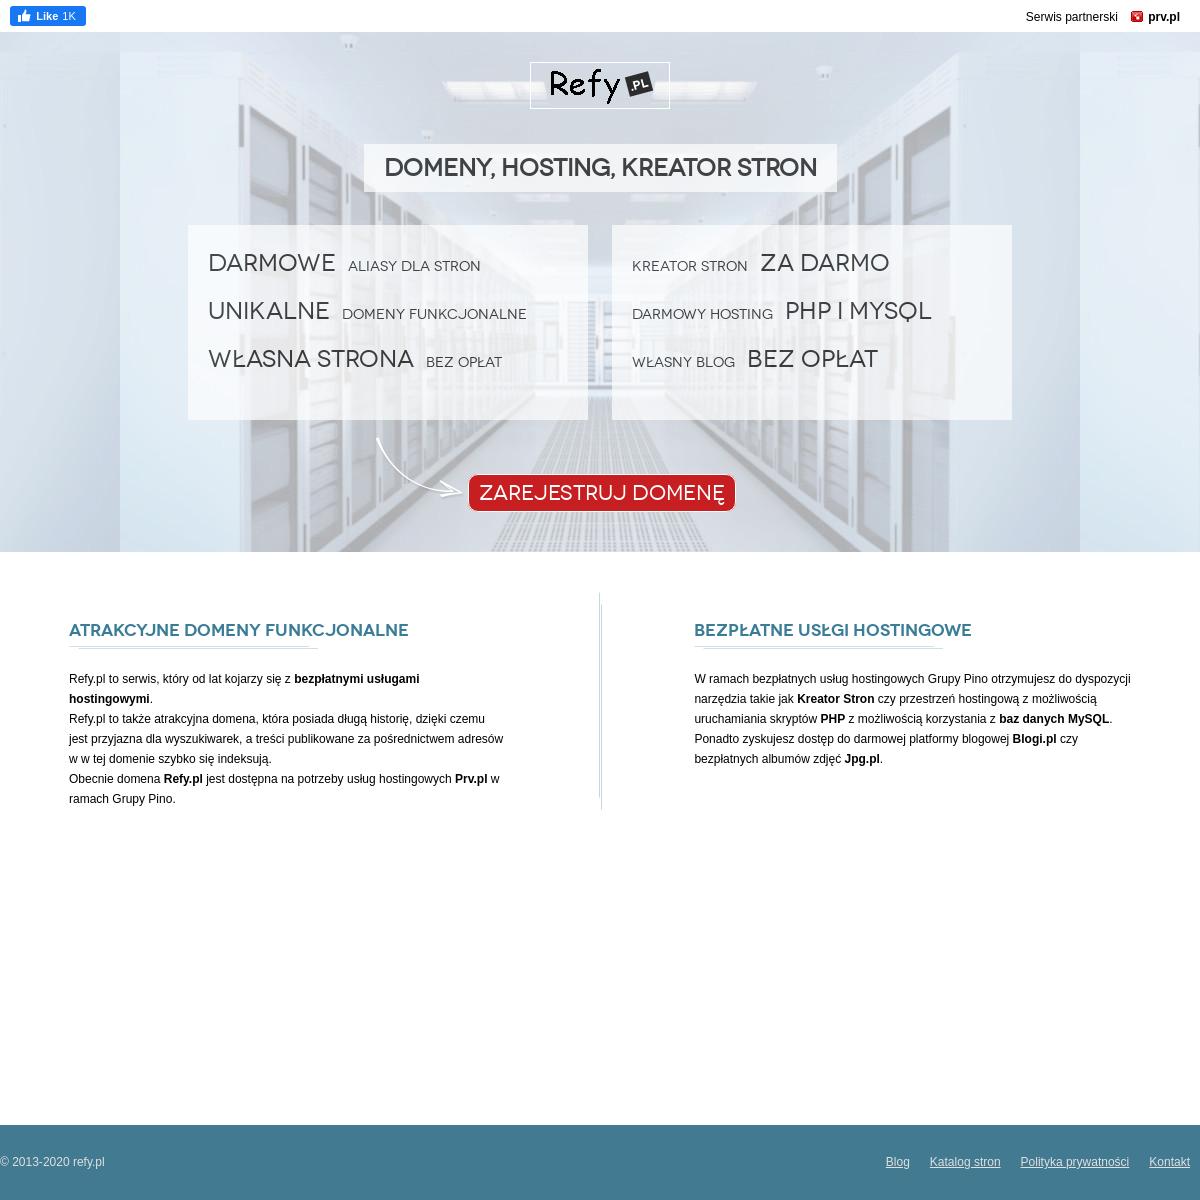 Refy.pl – darmowe domeny, najtańsze domeny funkcjonalne, hosting, domeny